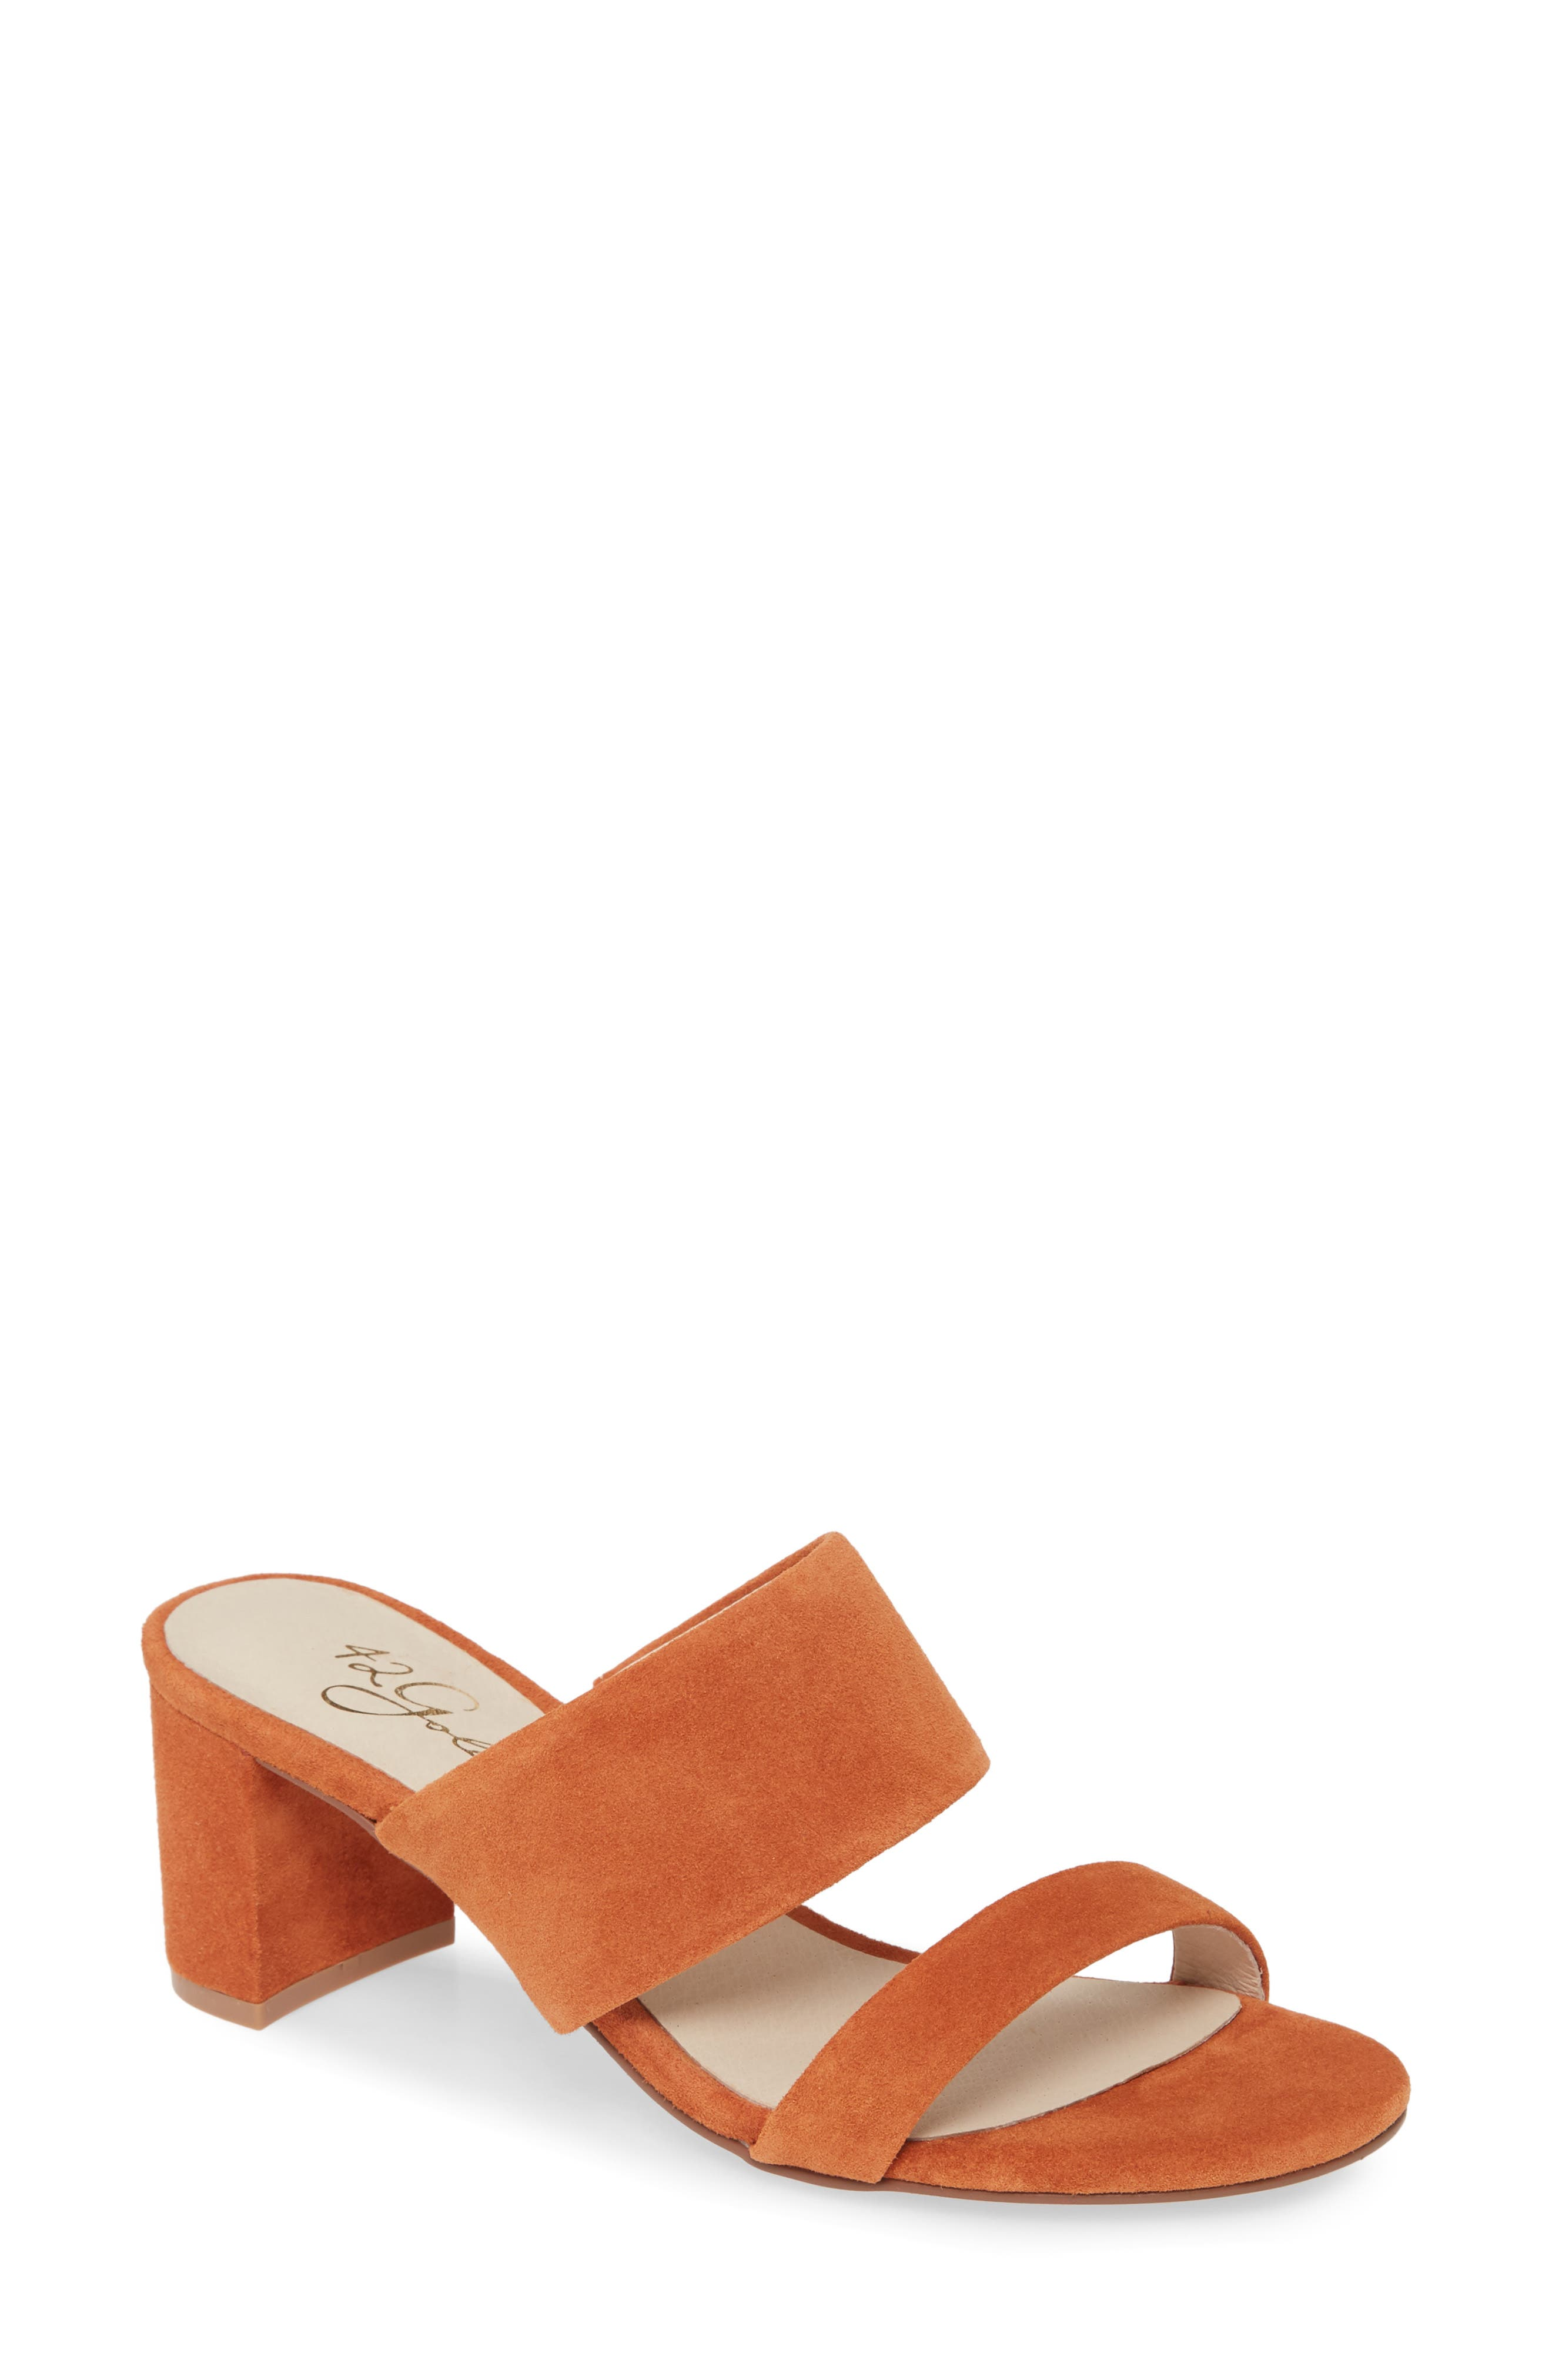 42 Gold Liya Slide Sandal (Women)